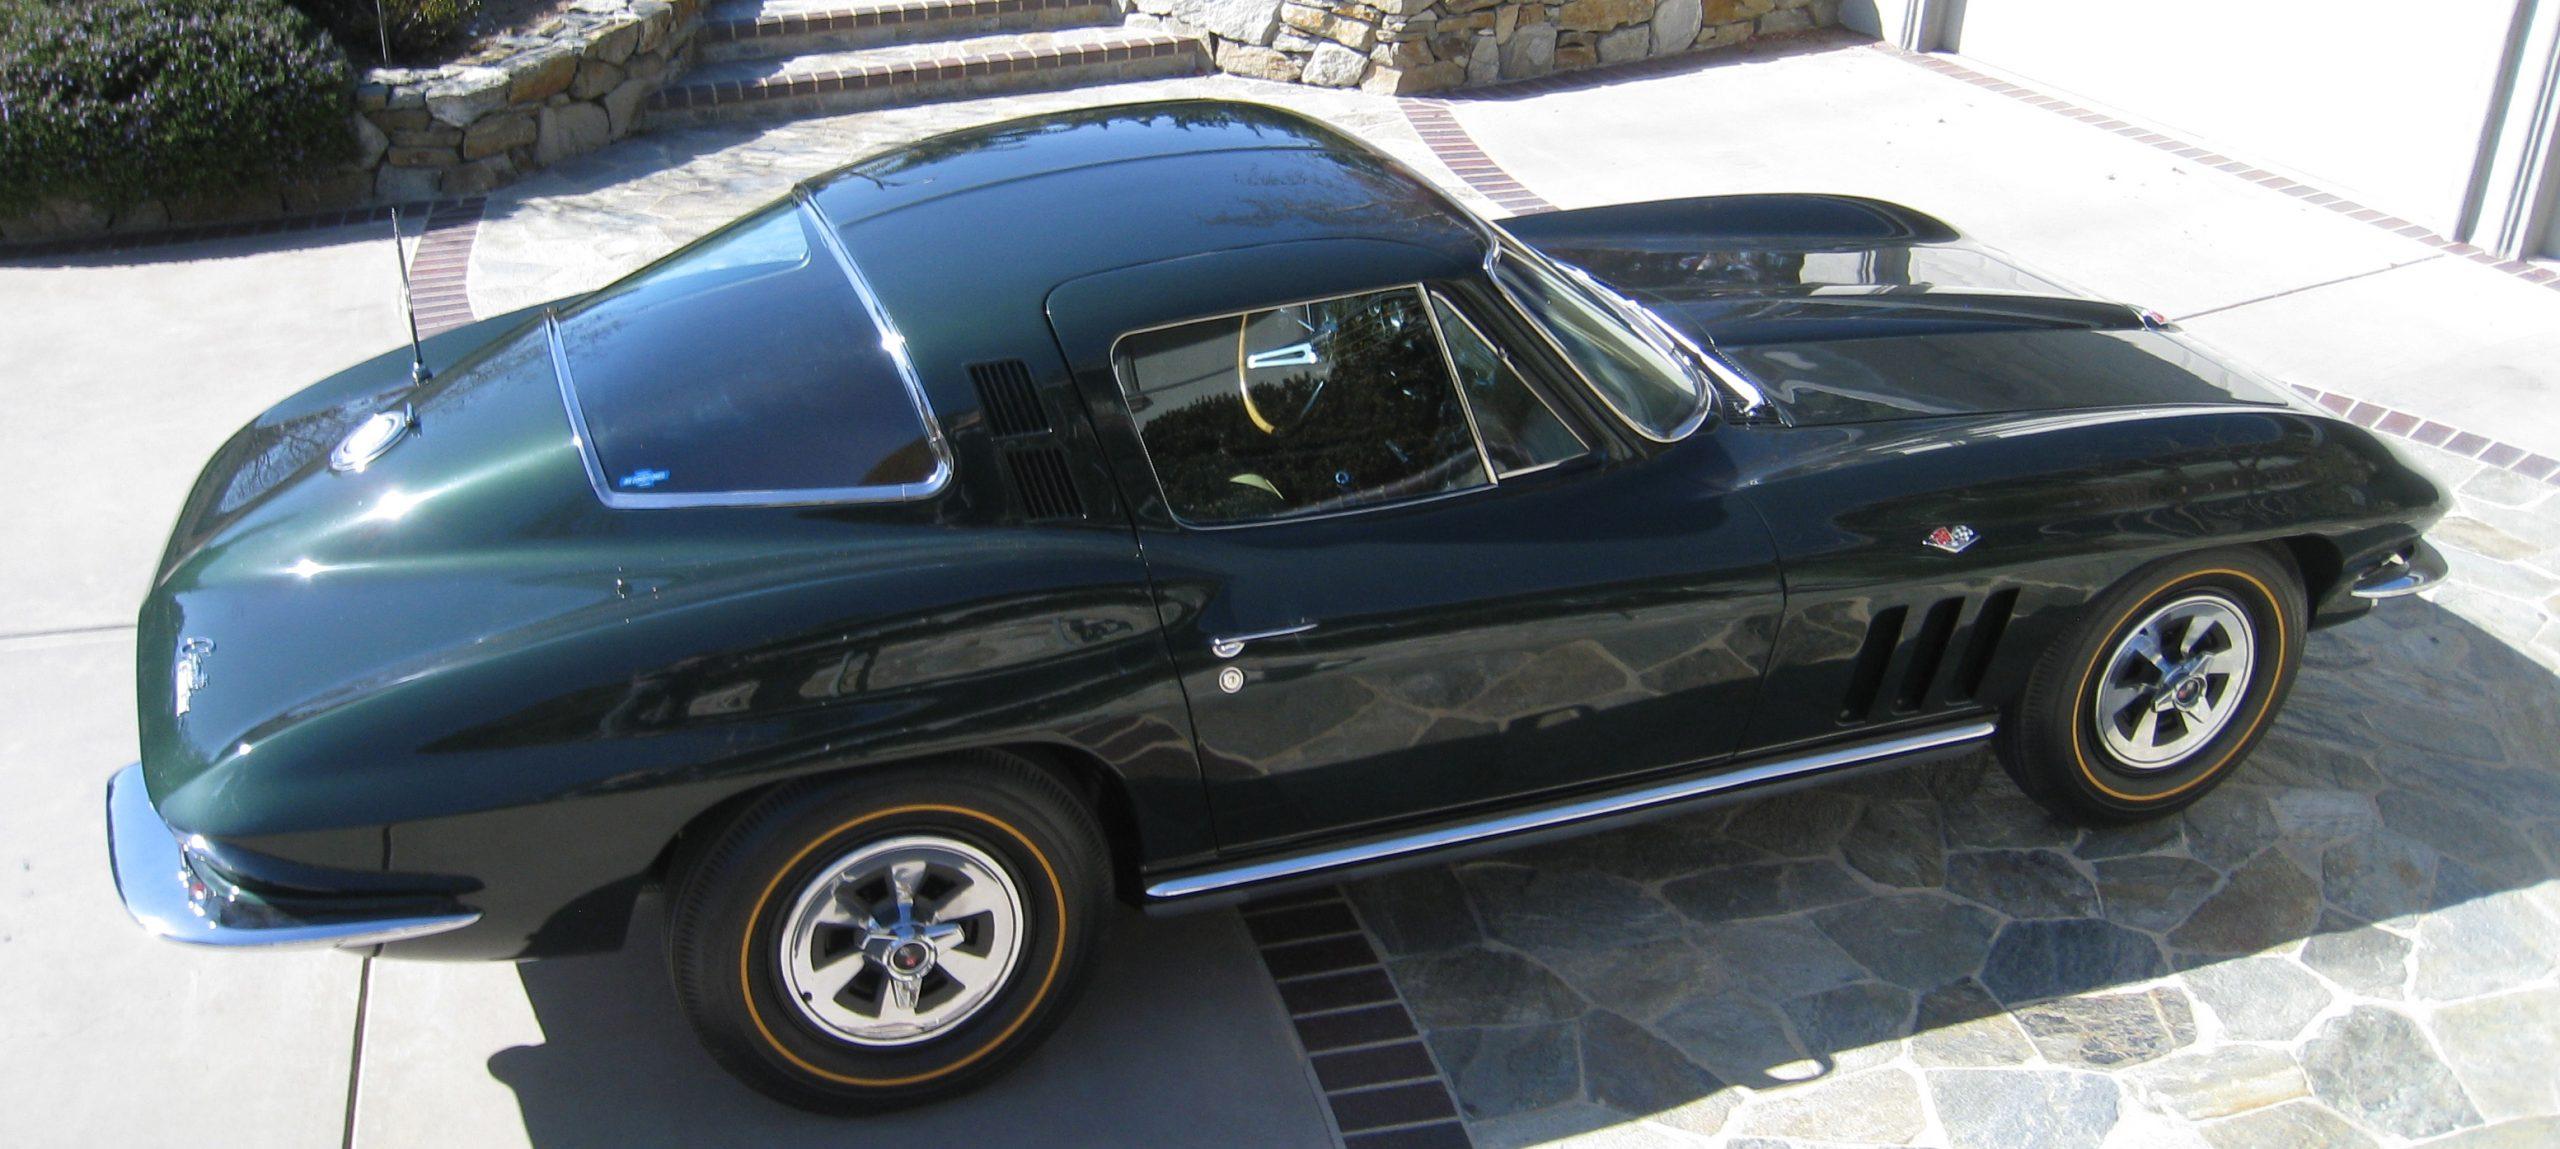 Elliott Pflughaupt's 1965 Corvette coupe